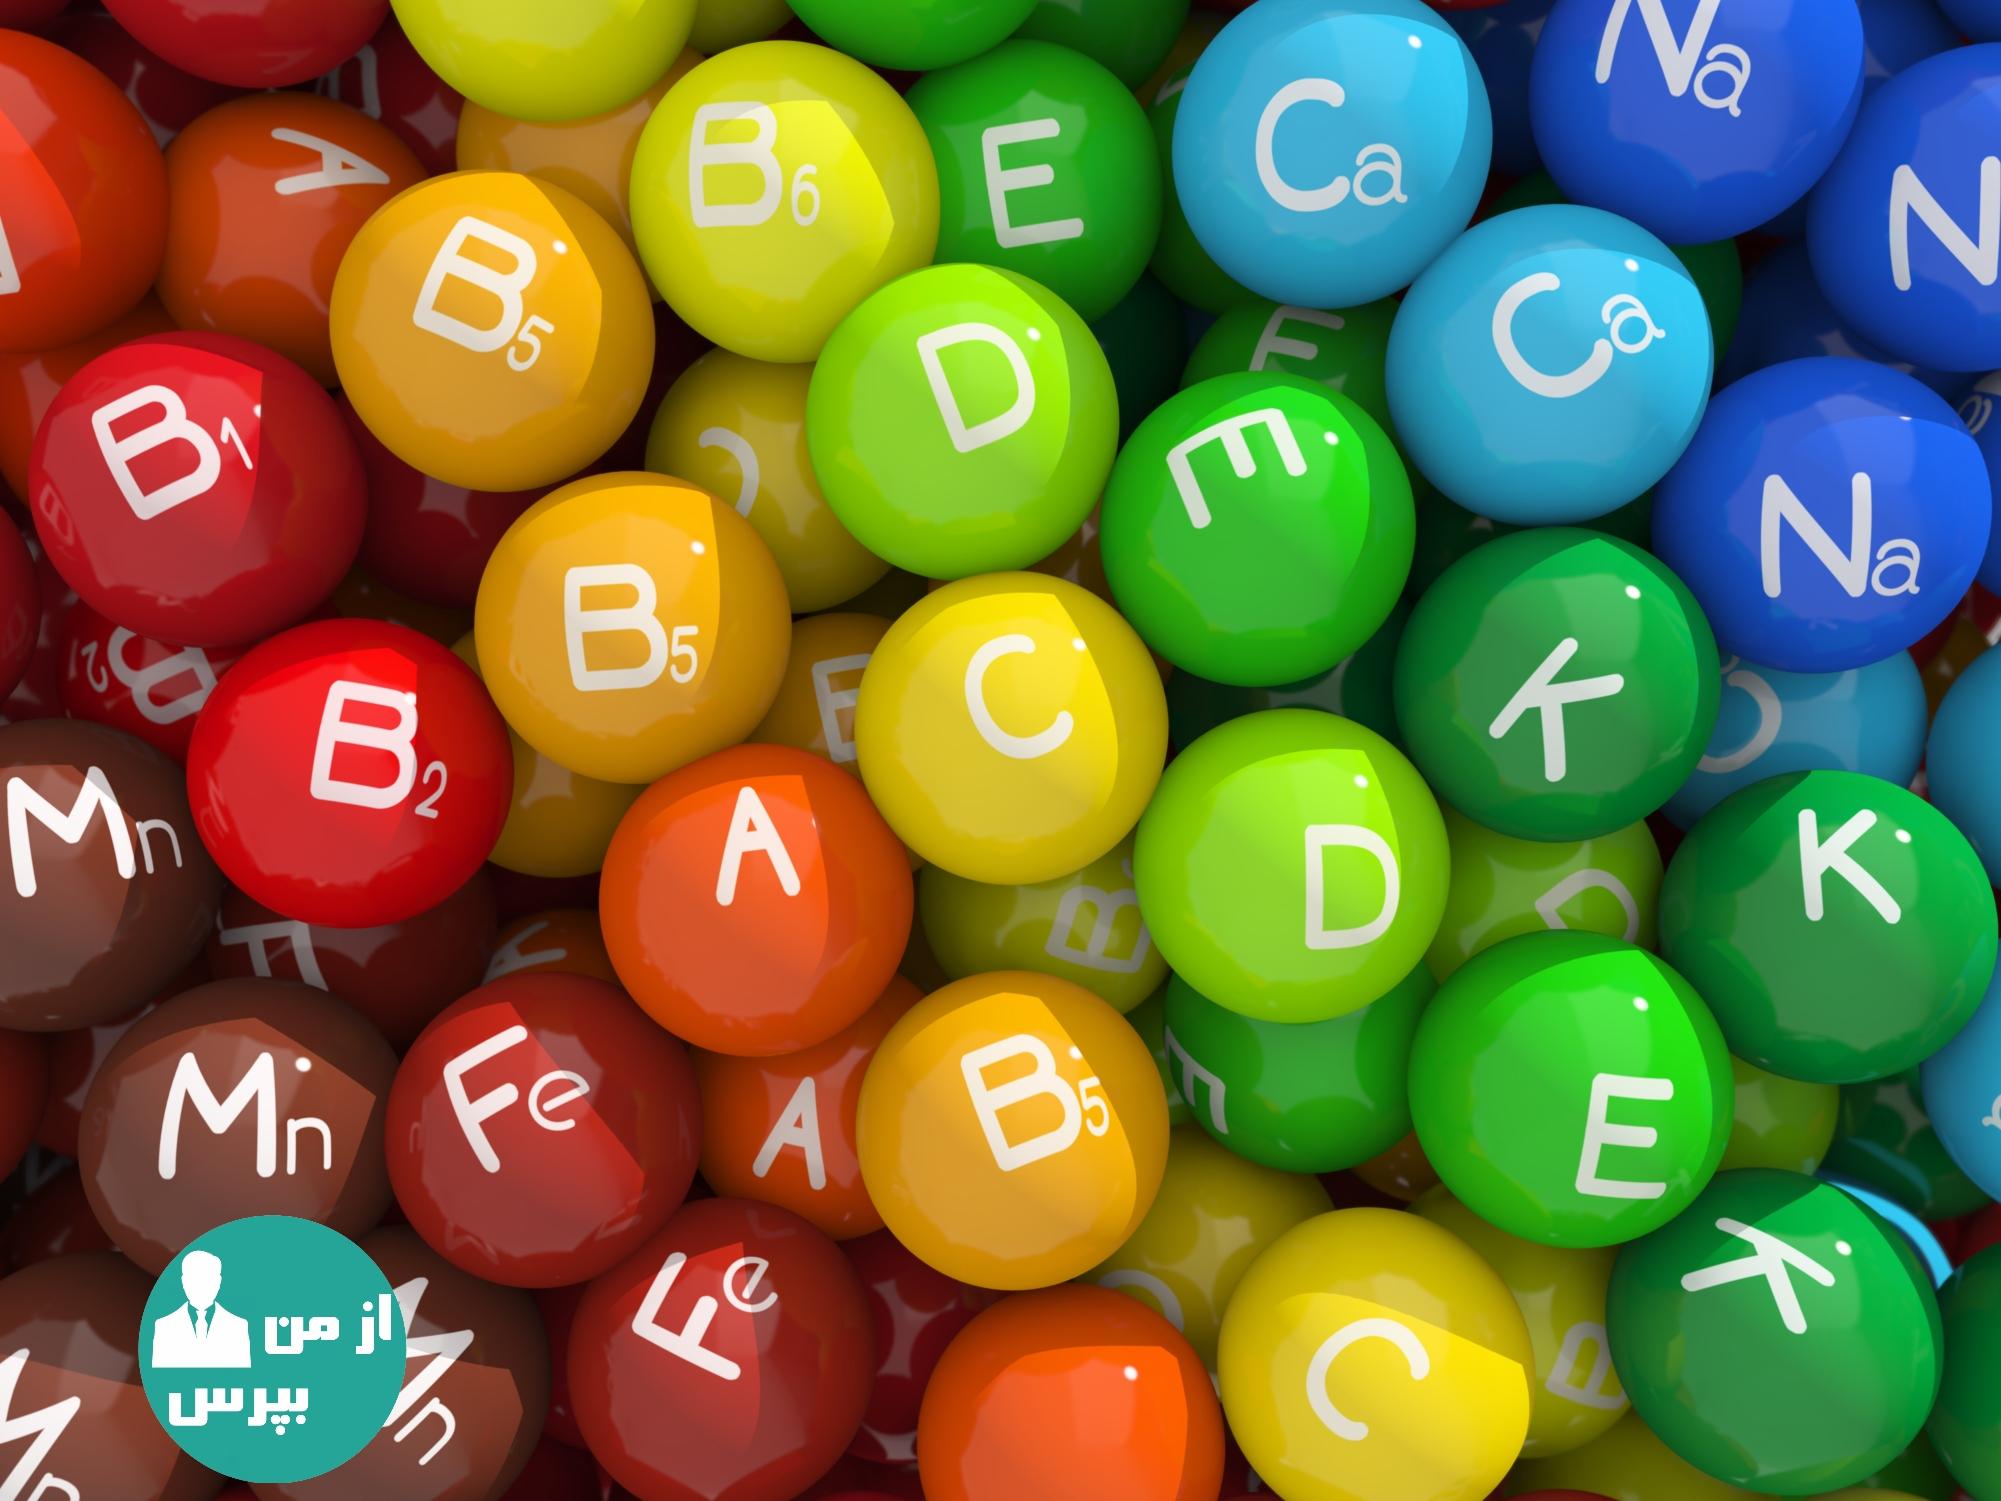 مصرف قرص های ویتامین